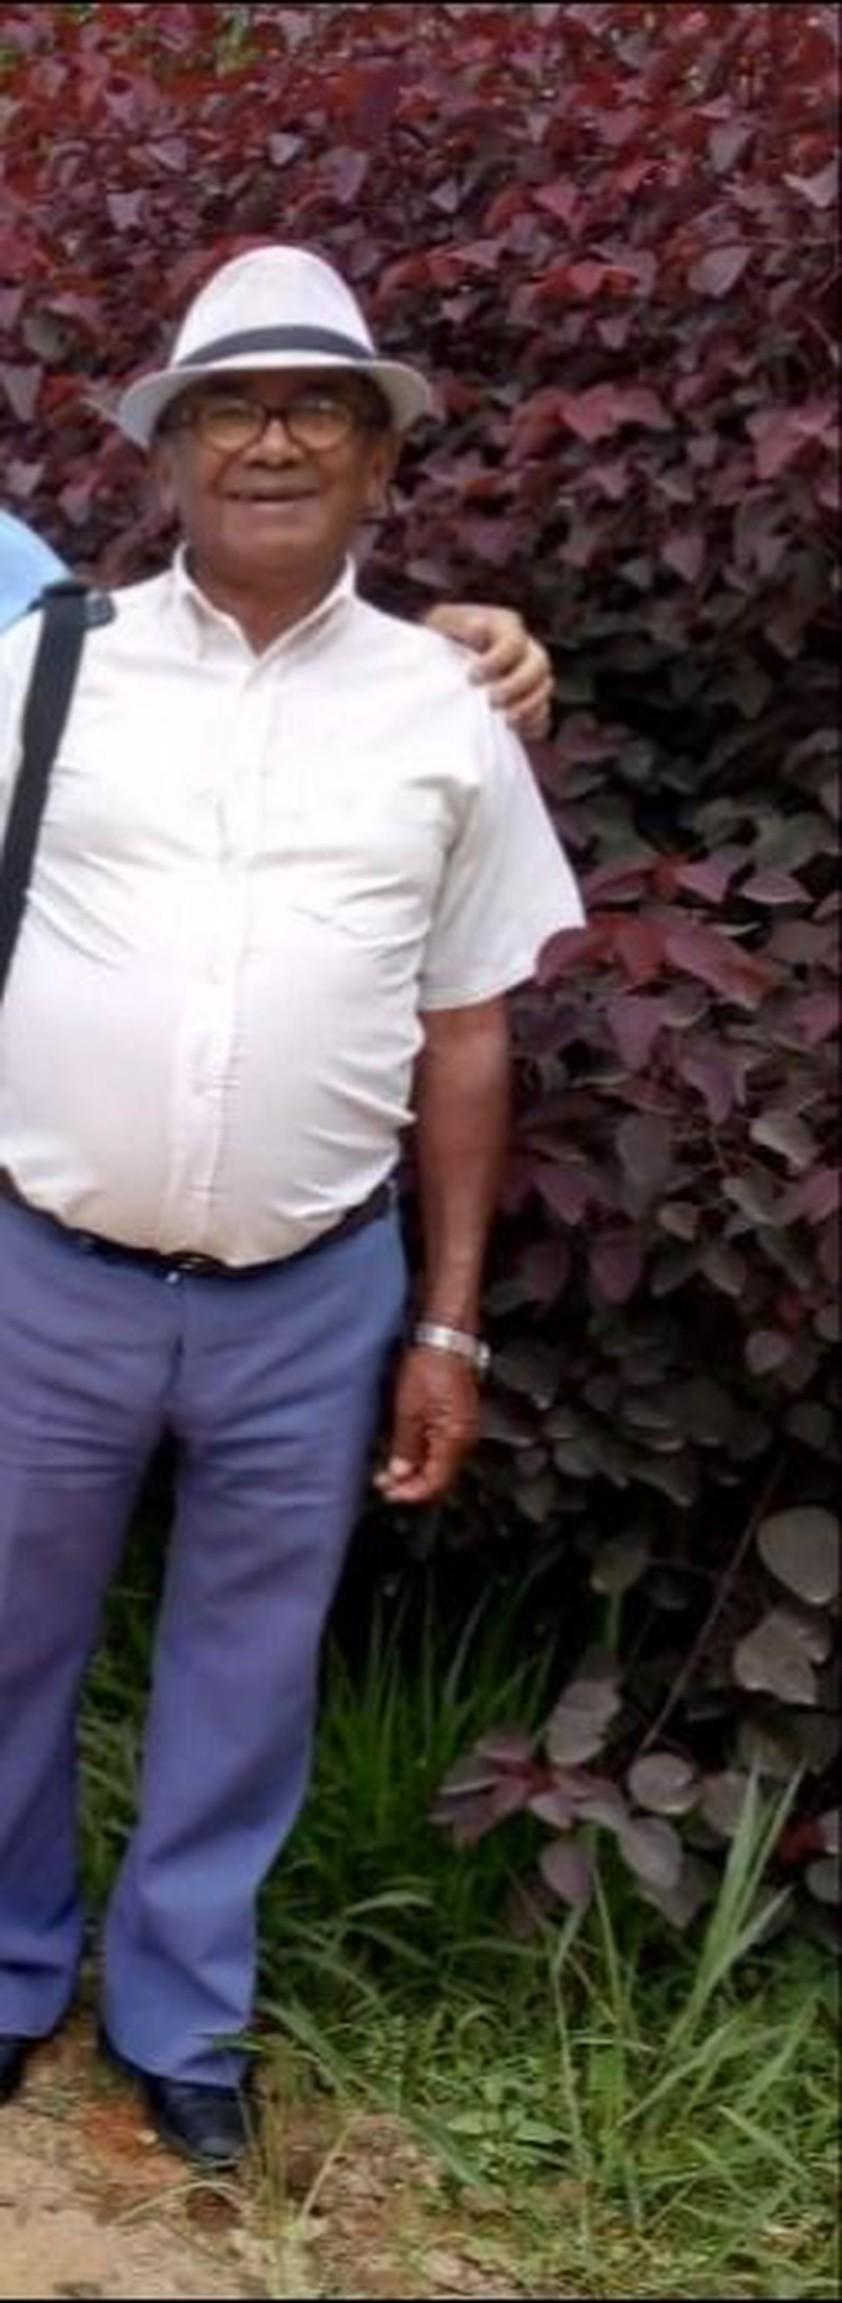 João Pedro Alcântara tem pele escura, vestia calça azul, camisa clara e boné cinza. Ele é morador de Jacareí/SP e veio até o Paraná visitar um irmão.